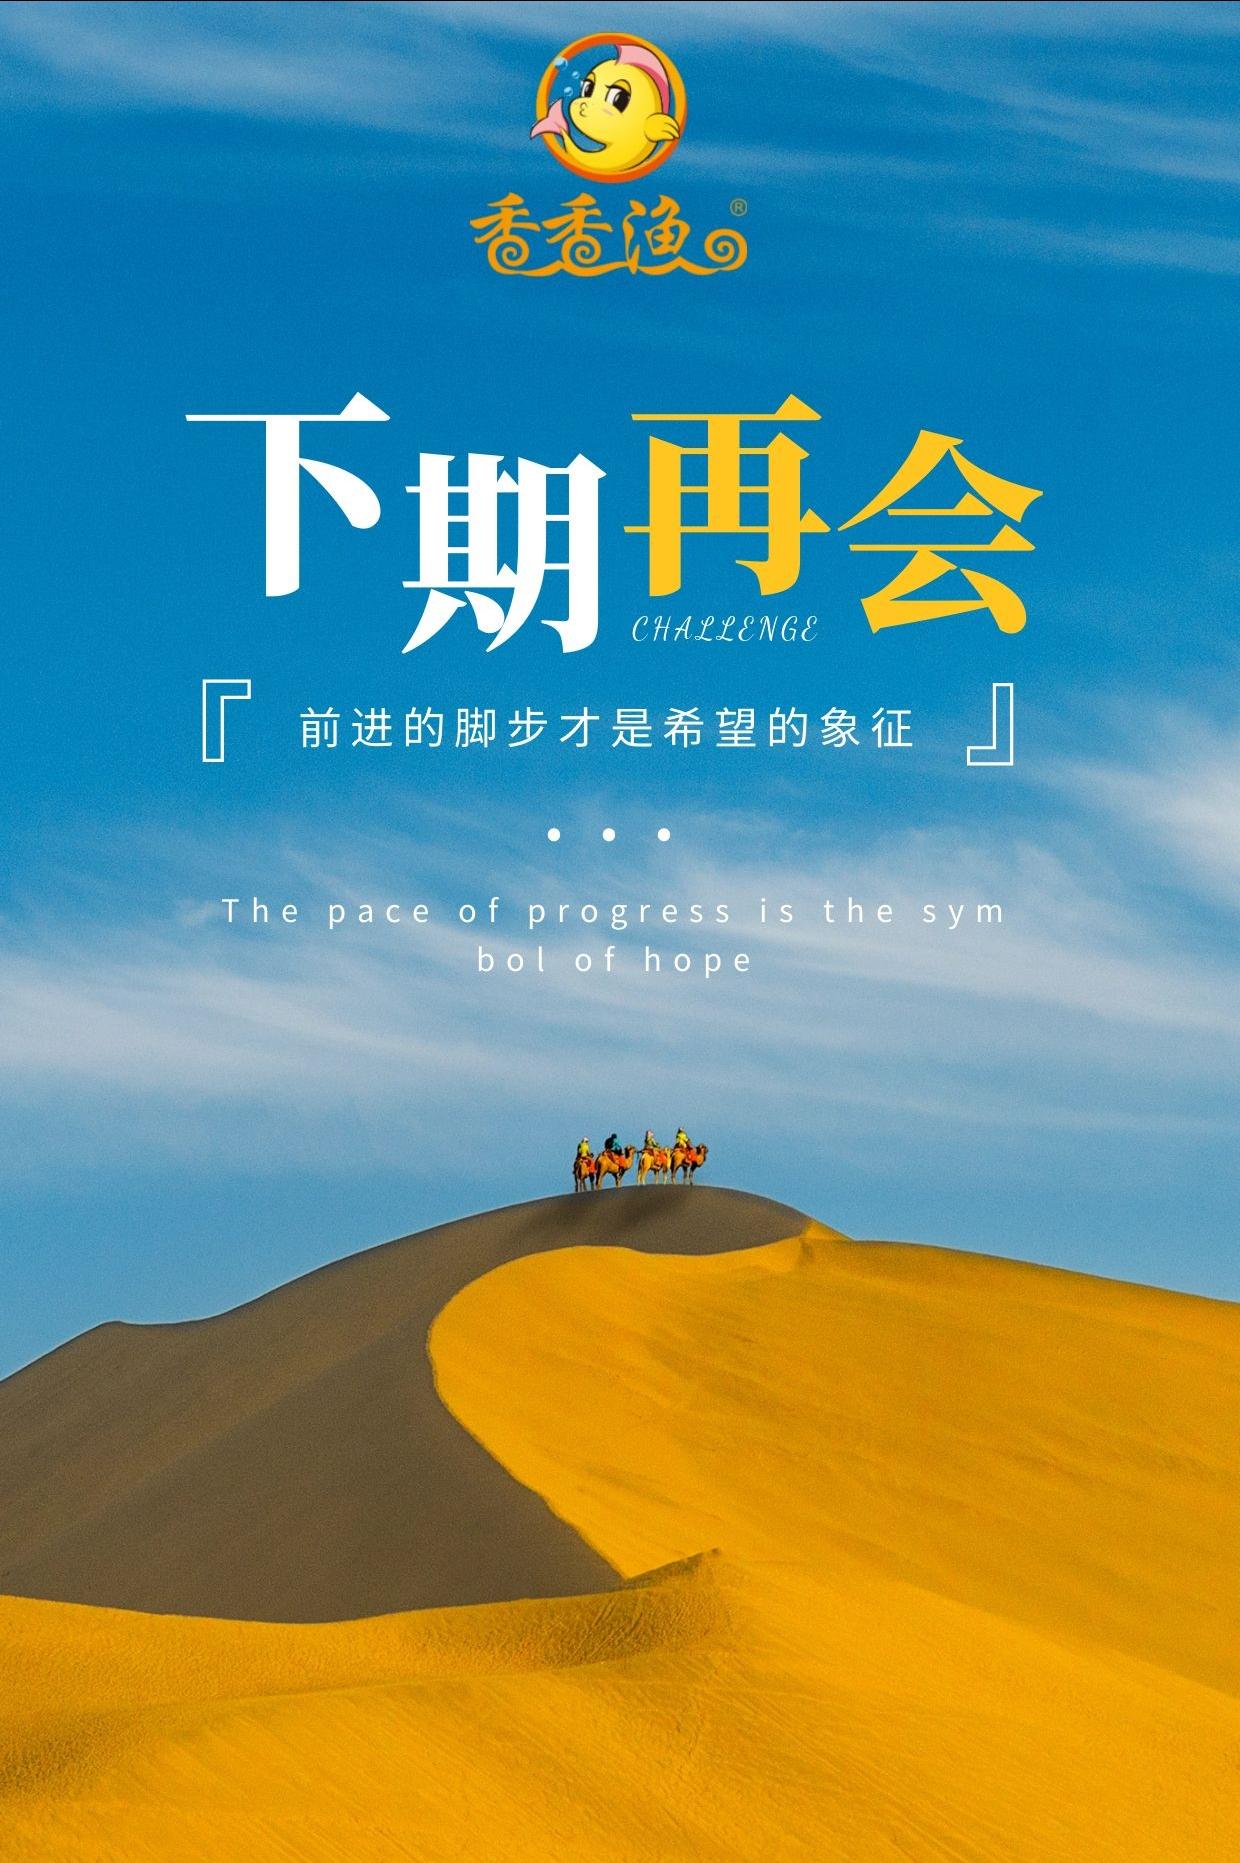 香香渔祝贺第九届上海国际餐饮连锁加盟展落幕——势如破竹,下期再相会